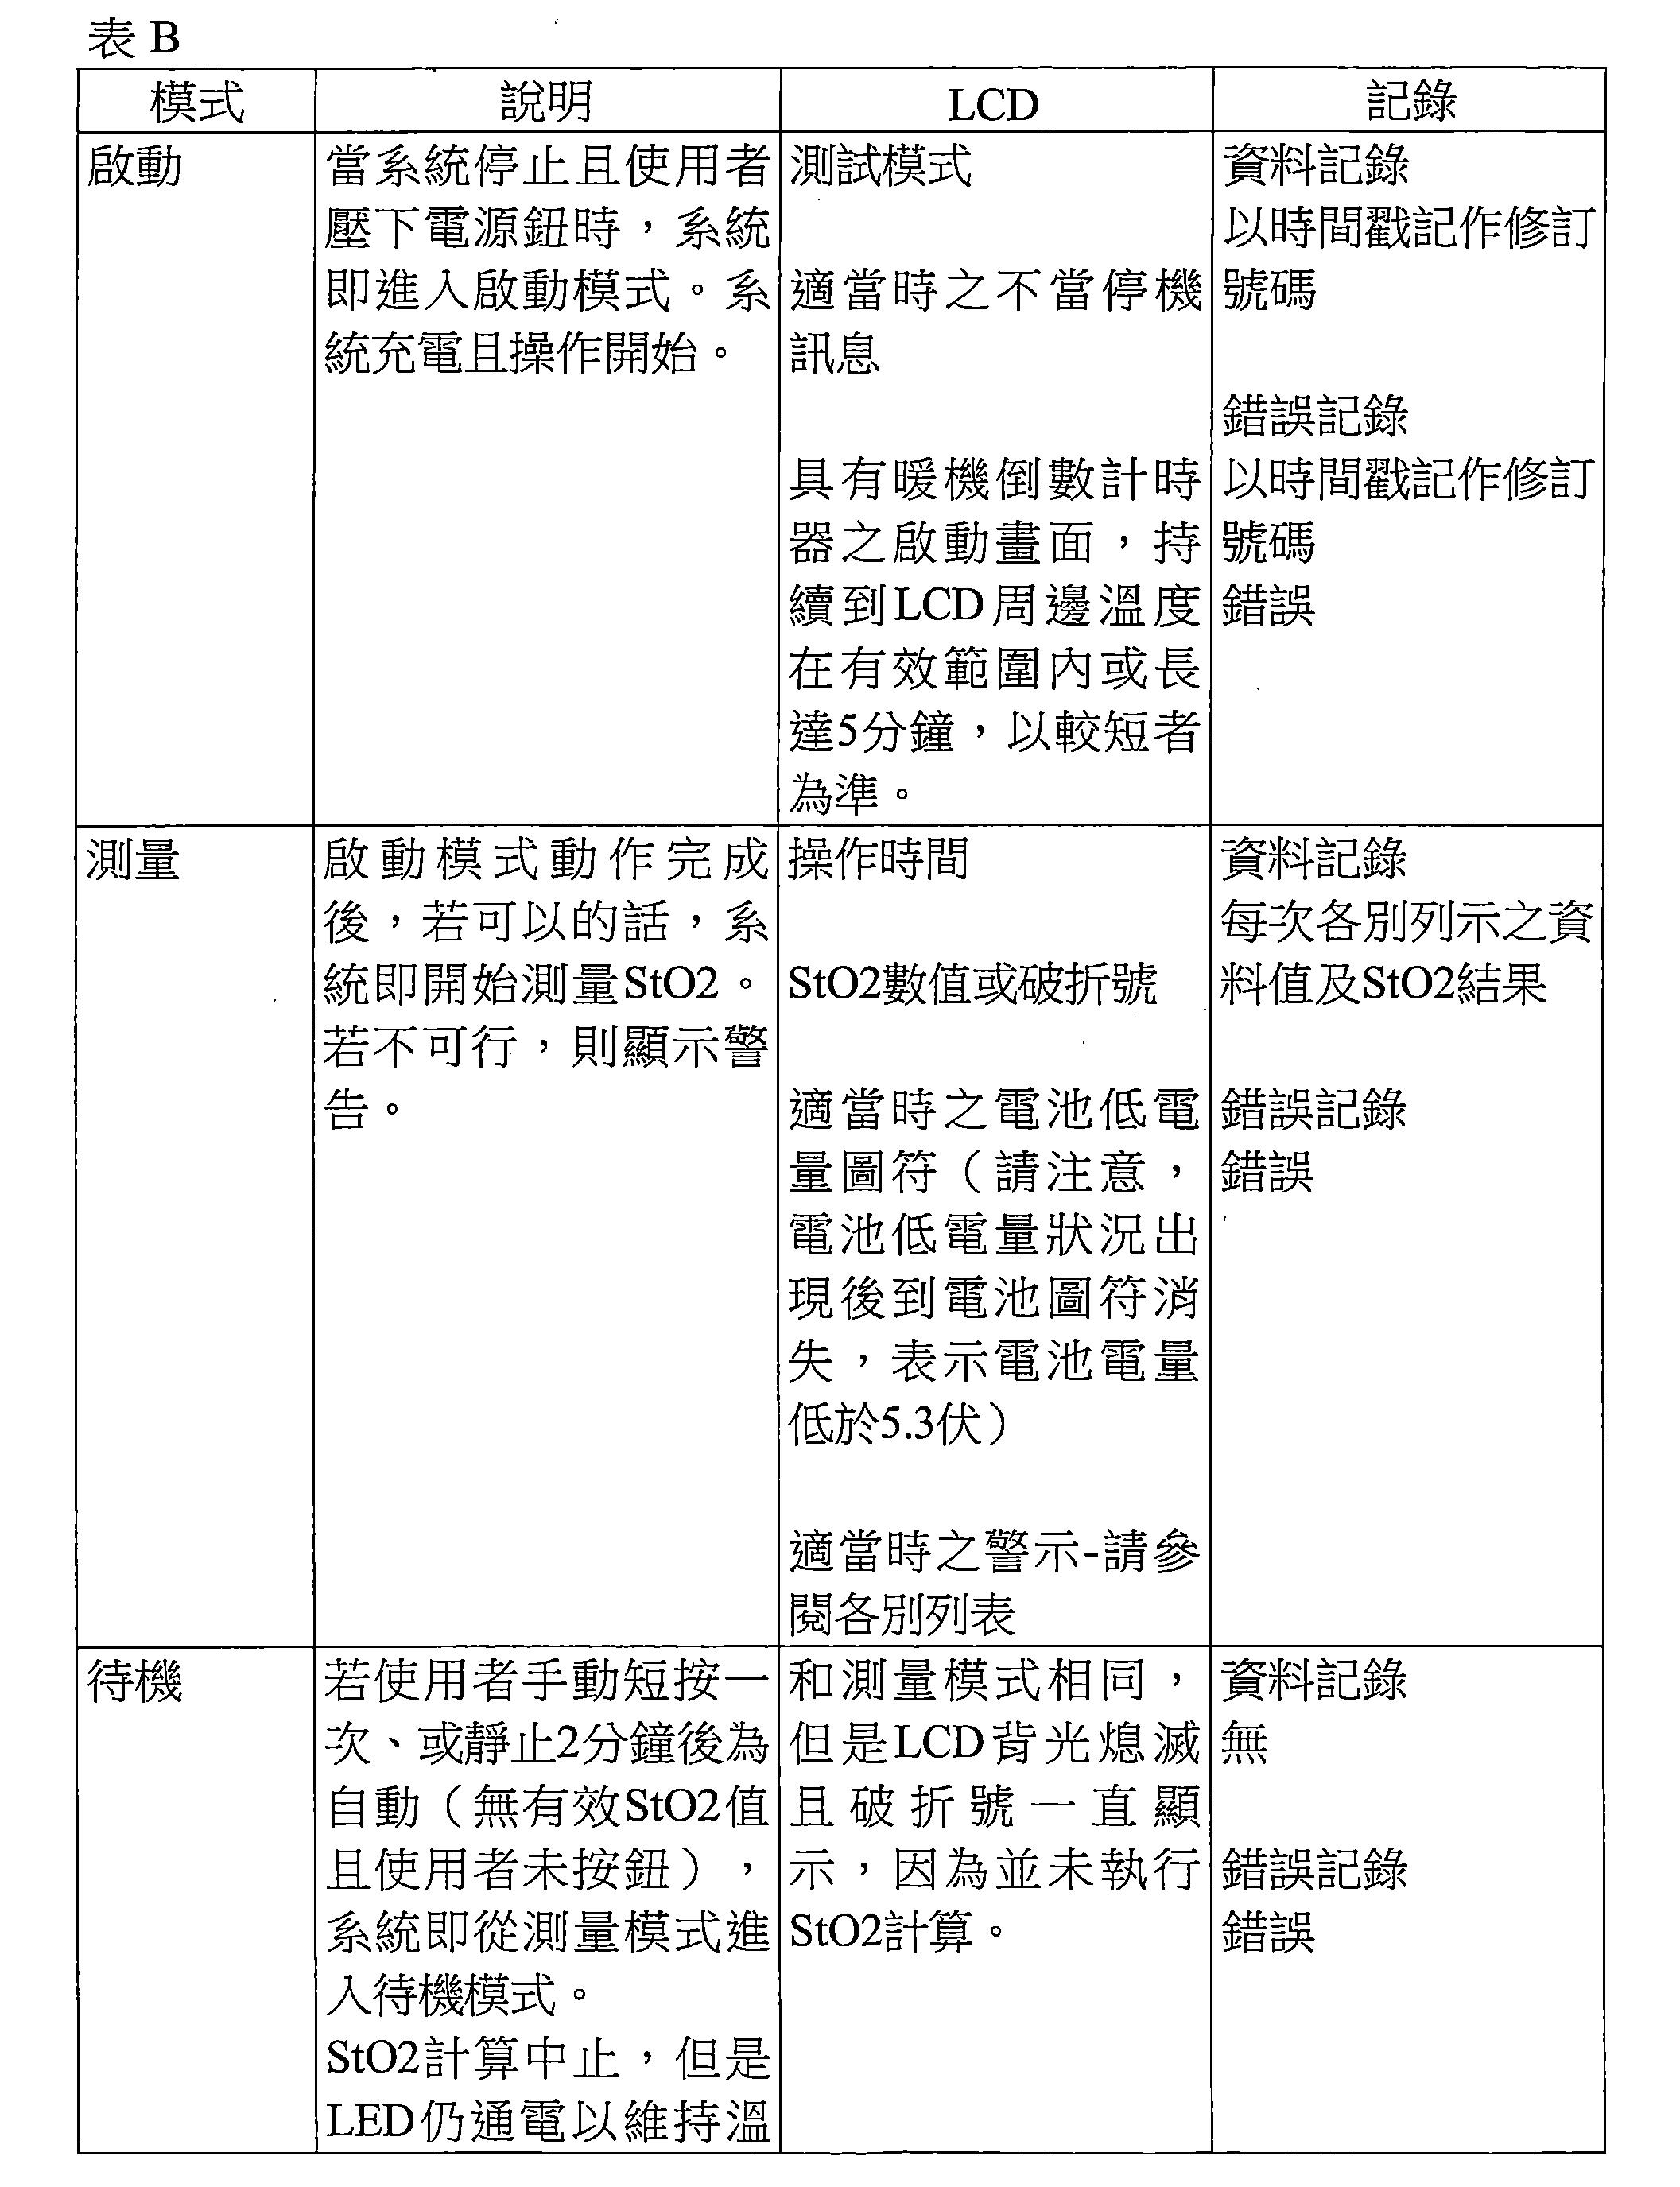 Figure TW201803523AD00002